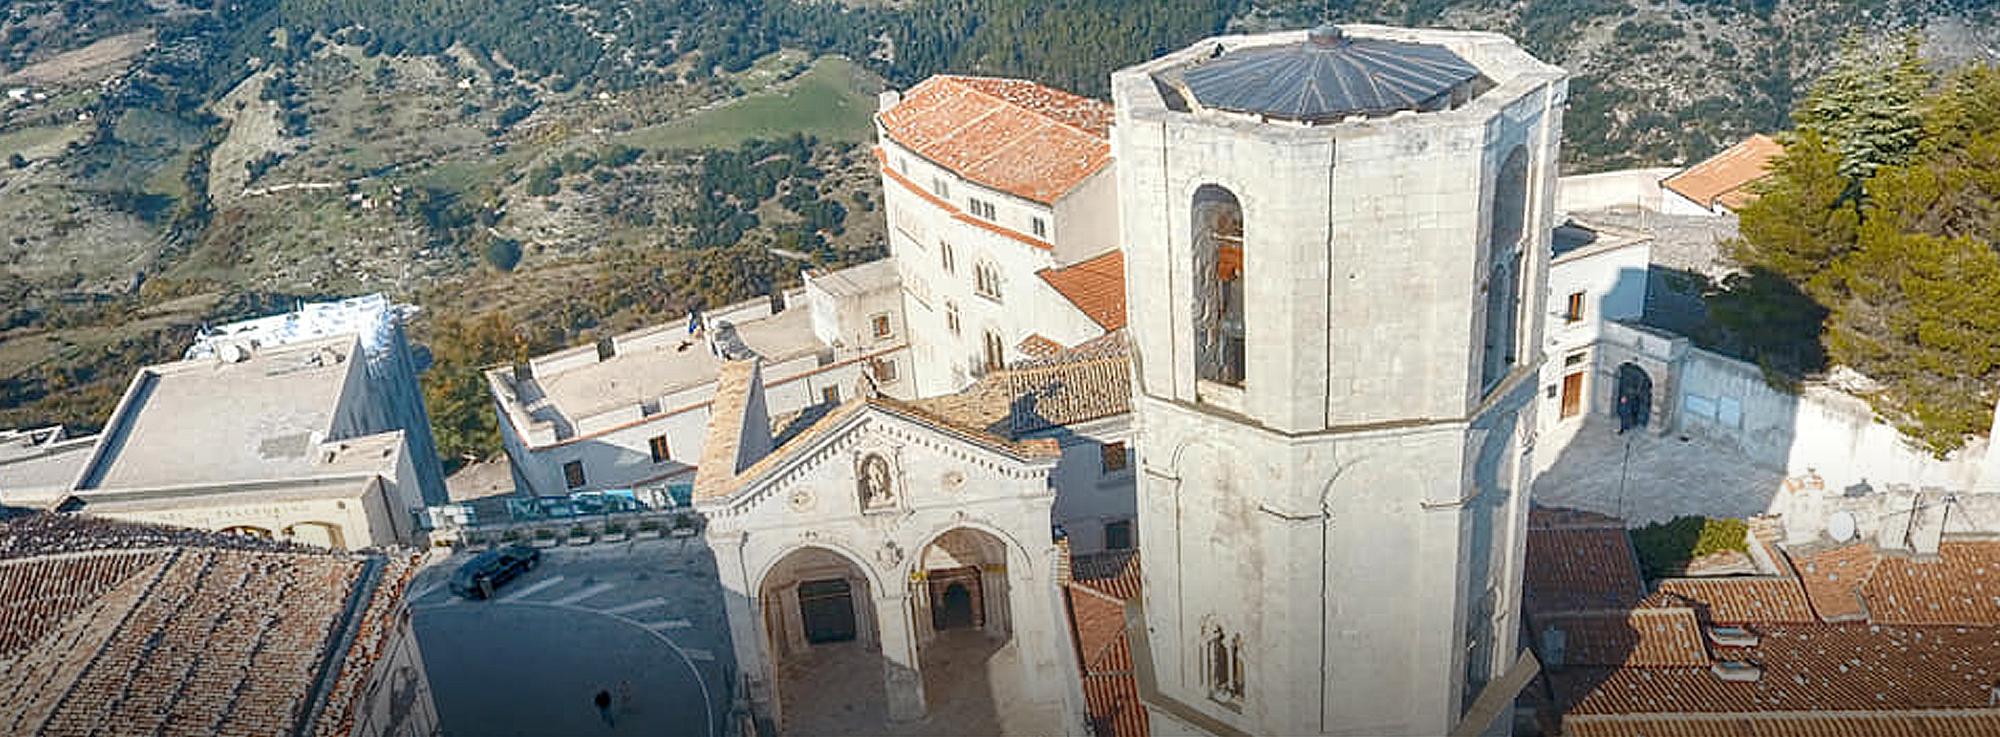 Monte Sant'Angelo: Celebrazione due siti UNESCO